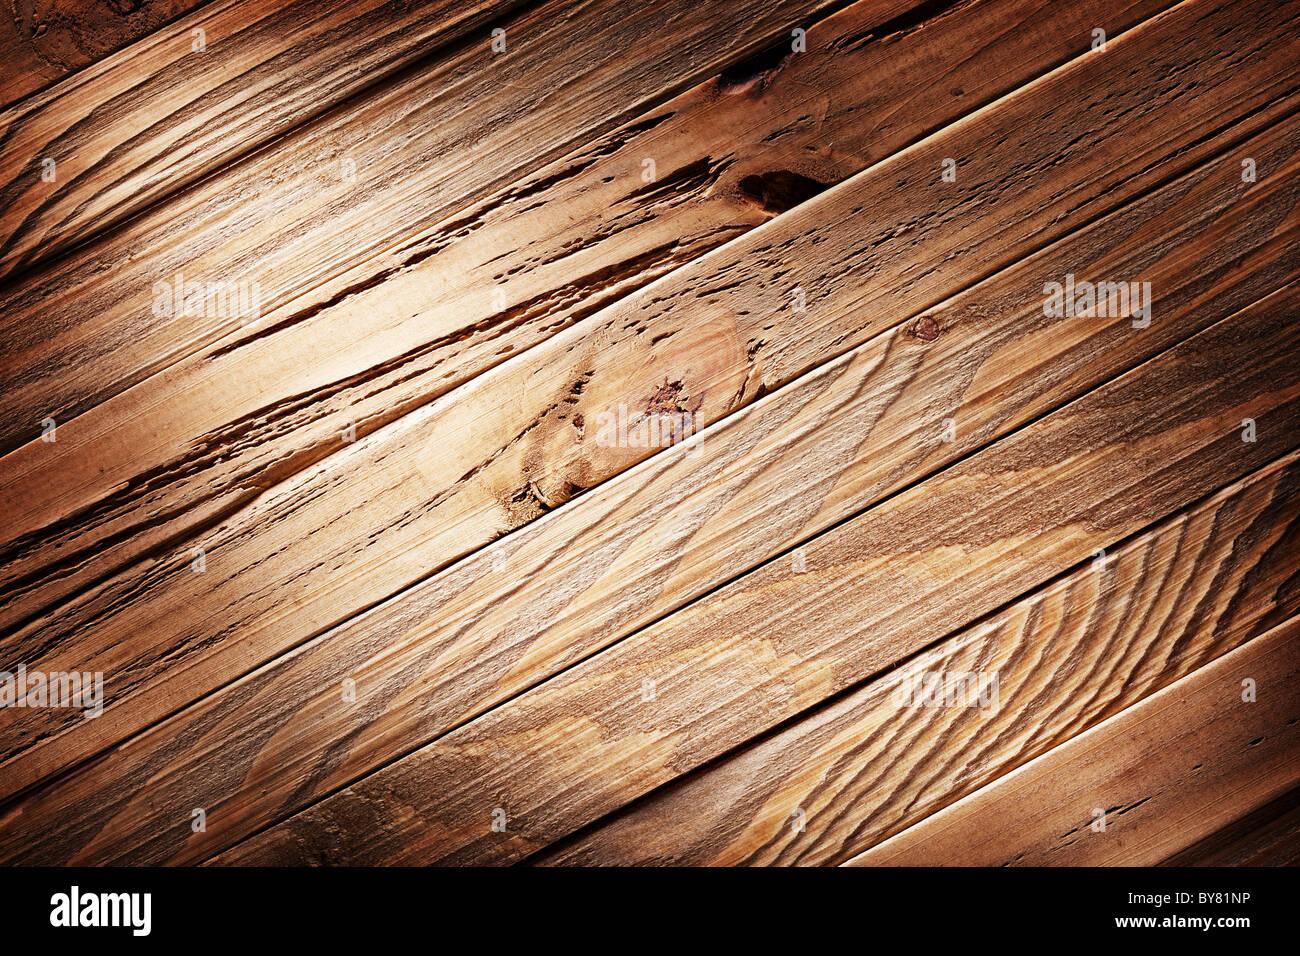 La texture de l'image de vieux bois. Photo Stock